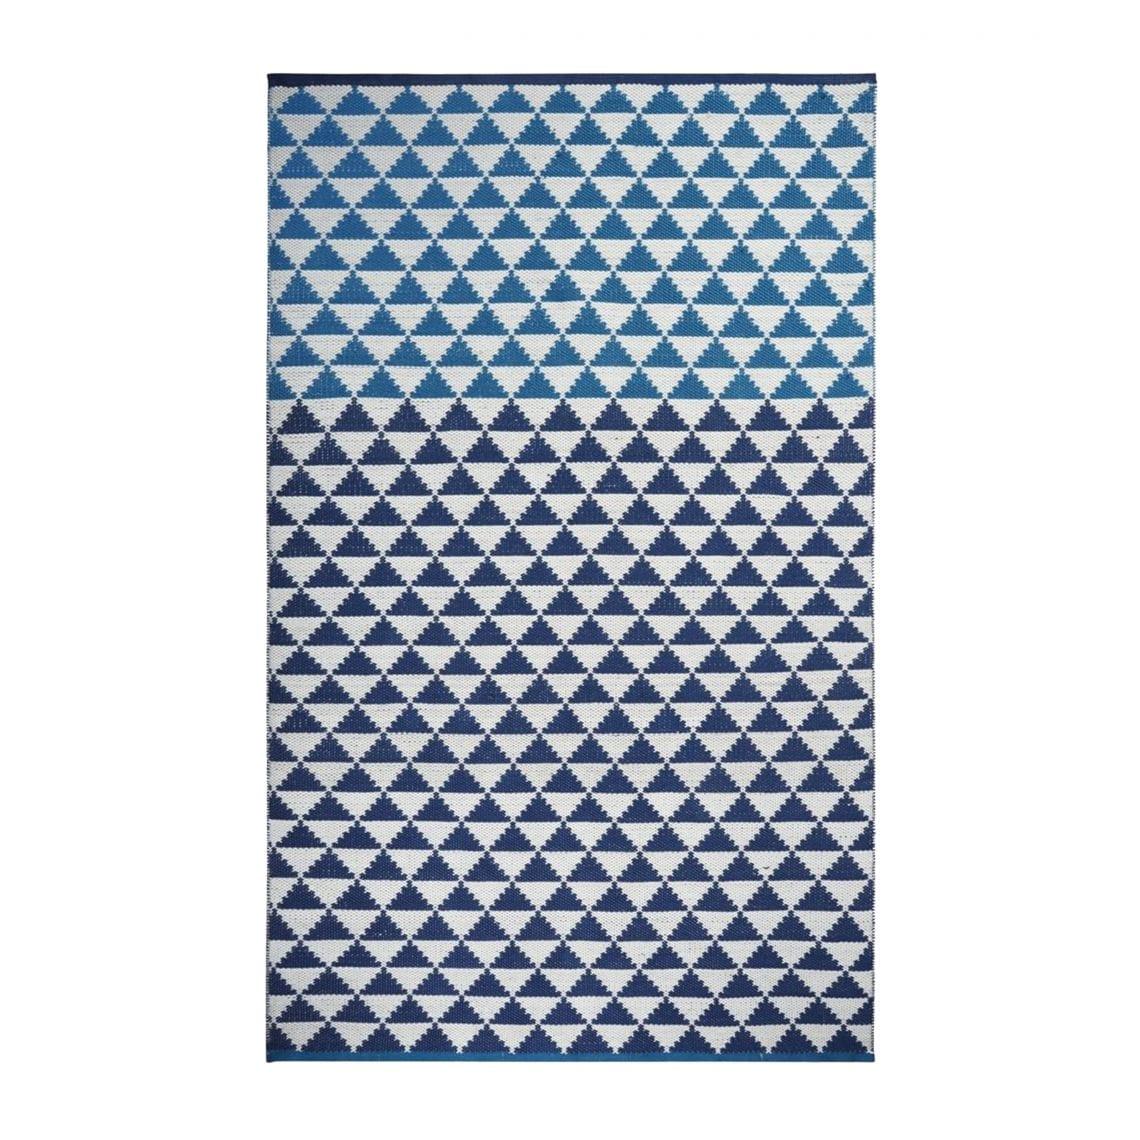 Een stijlvol en handig vloerkleed van Designers Guild met driehoeken, Biscayne cobalt rug